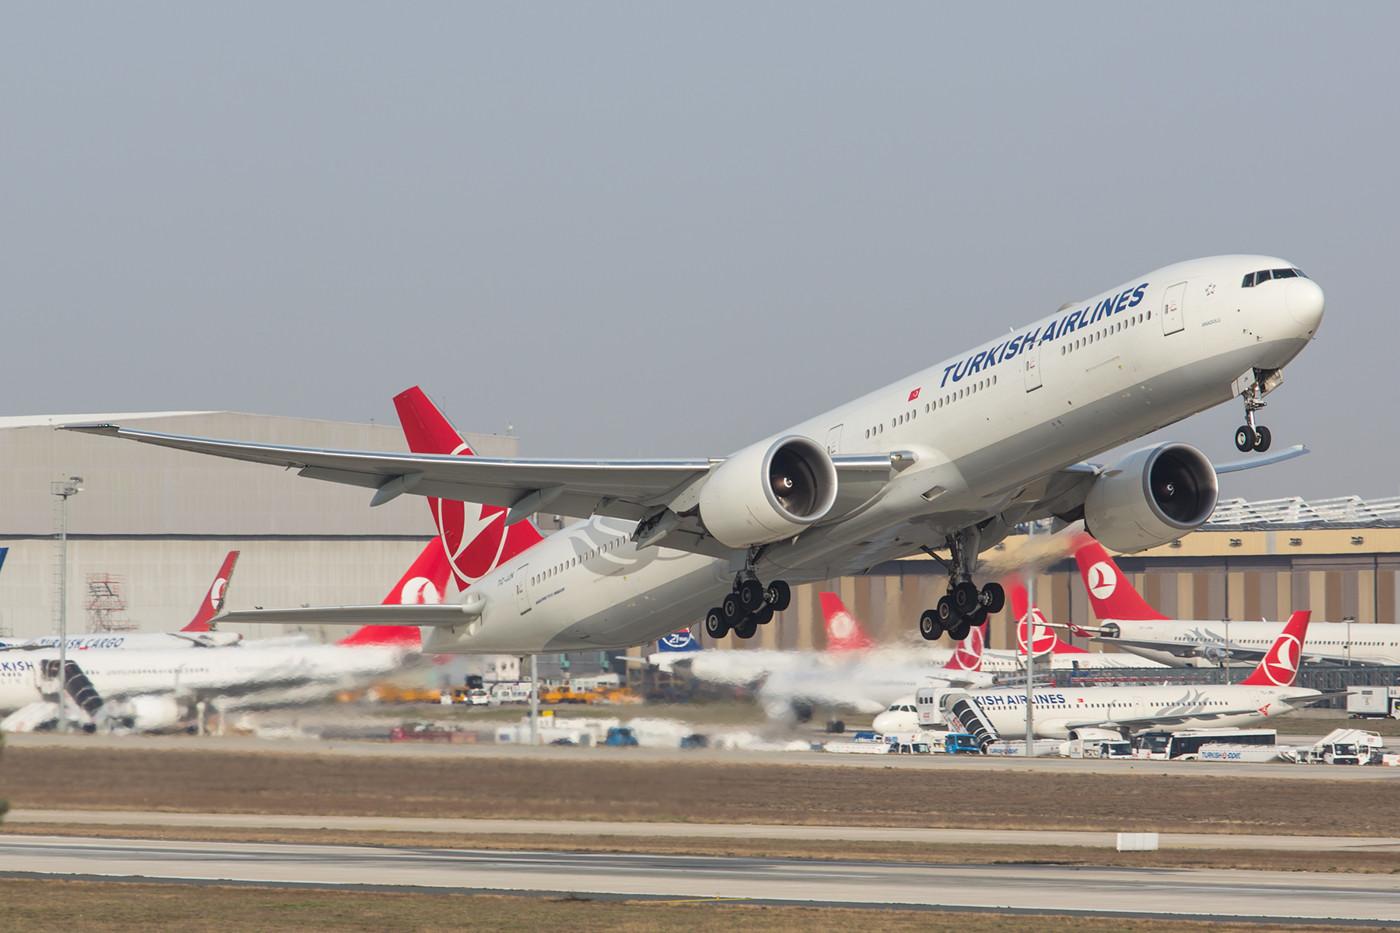 Hier eine der Boeing 777 beim Start zum Flug TK 1 nach JFK.